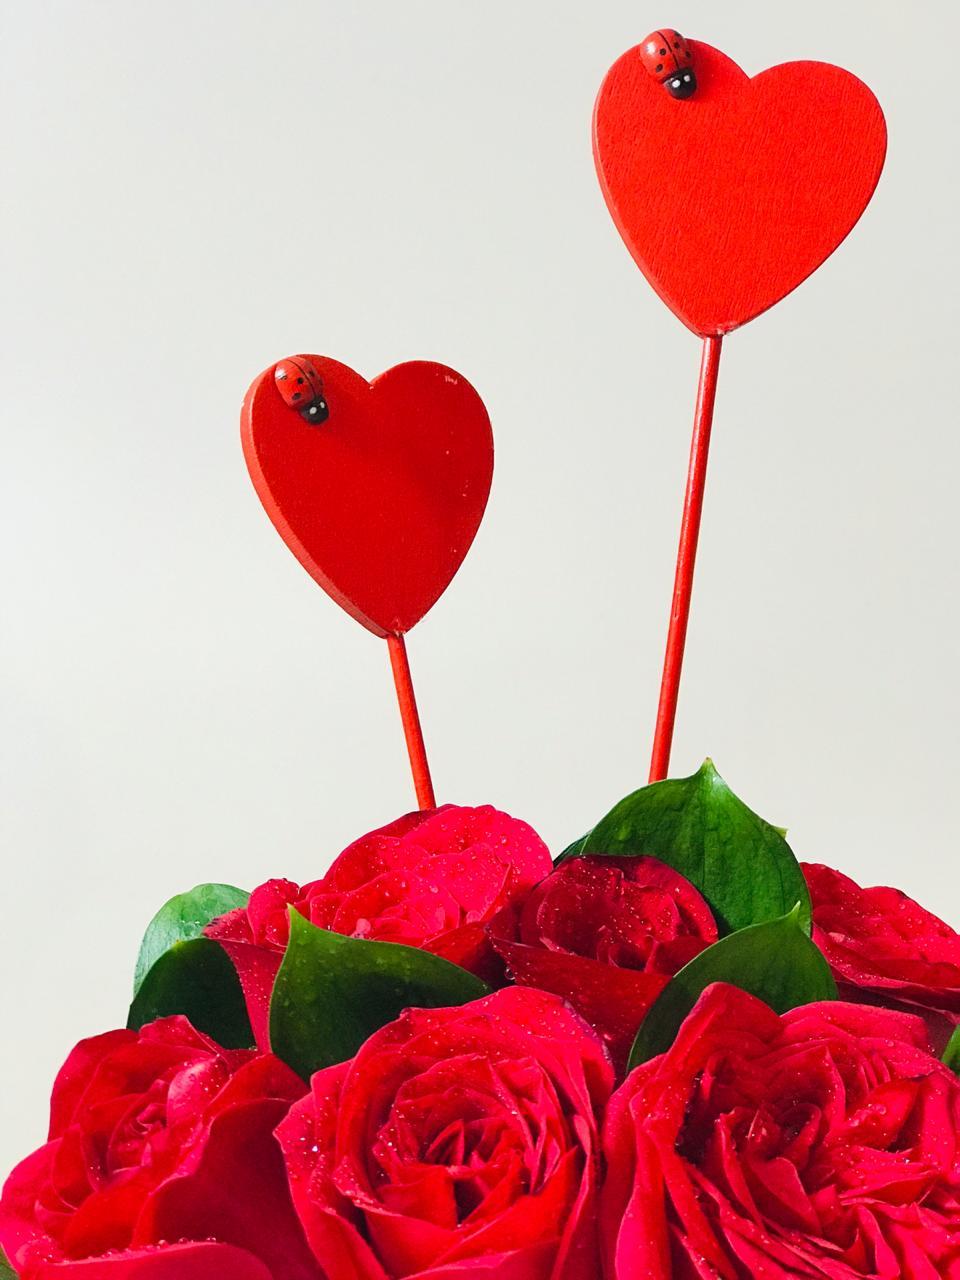 Especial dia do Namorados - I Love You